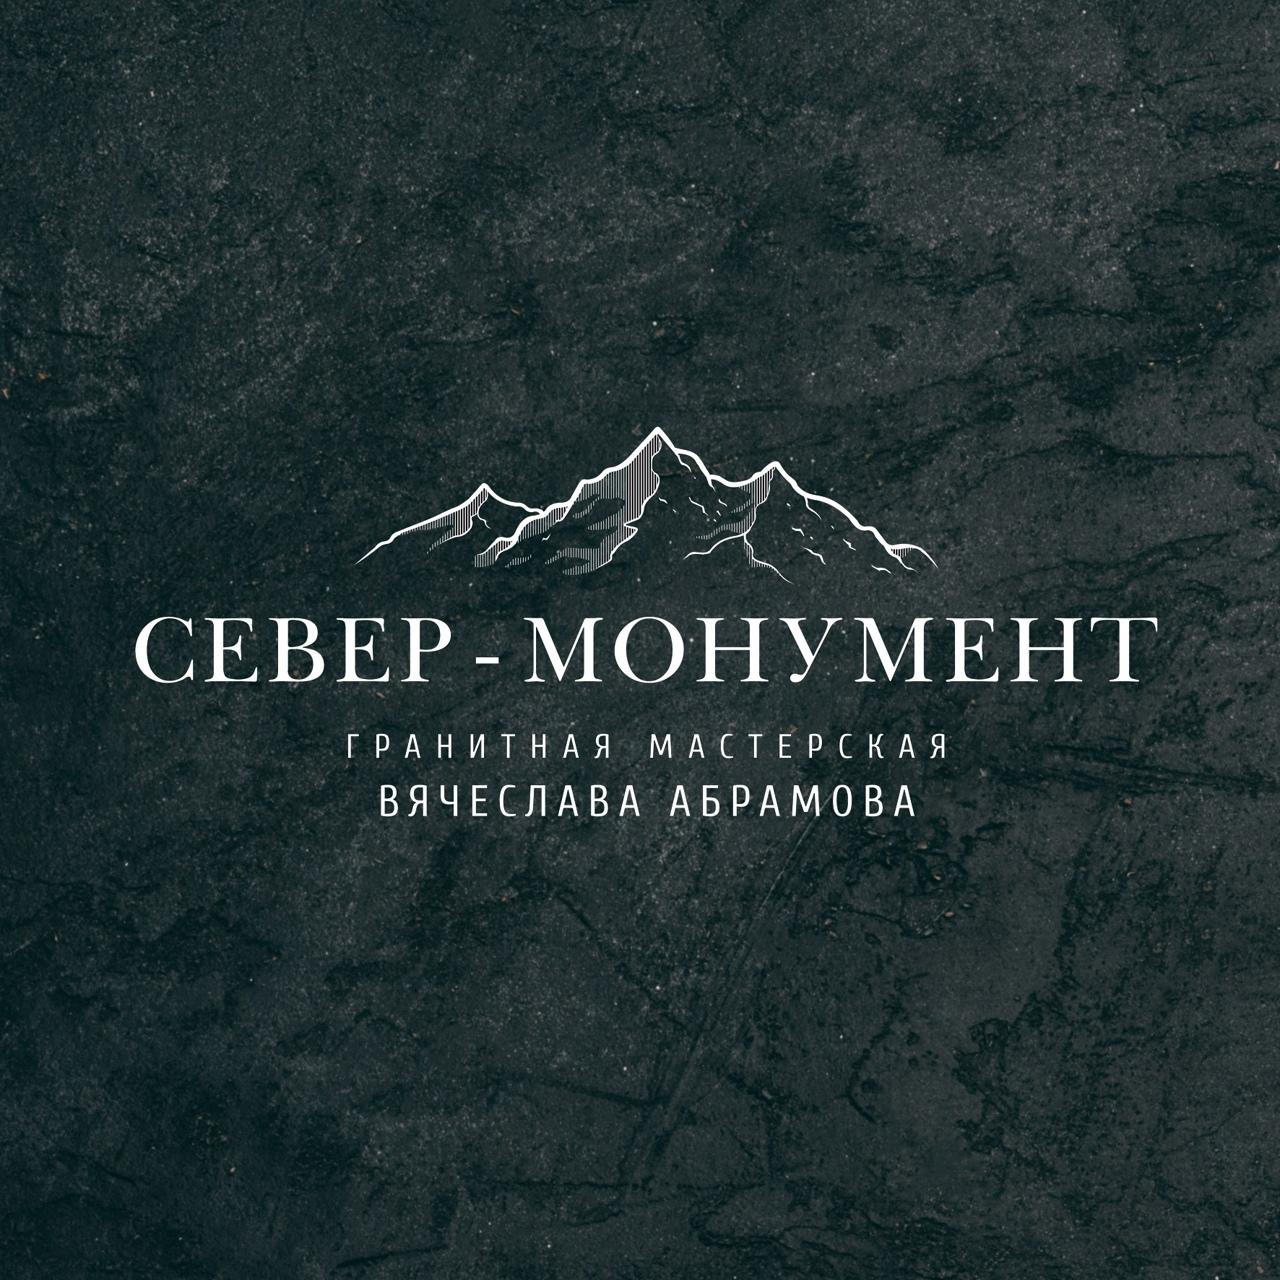 Гранит камень памятники в Мурманске